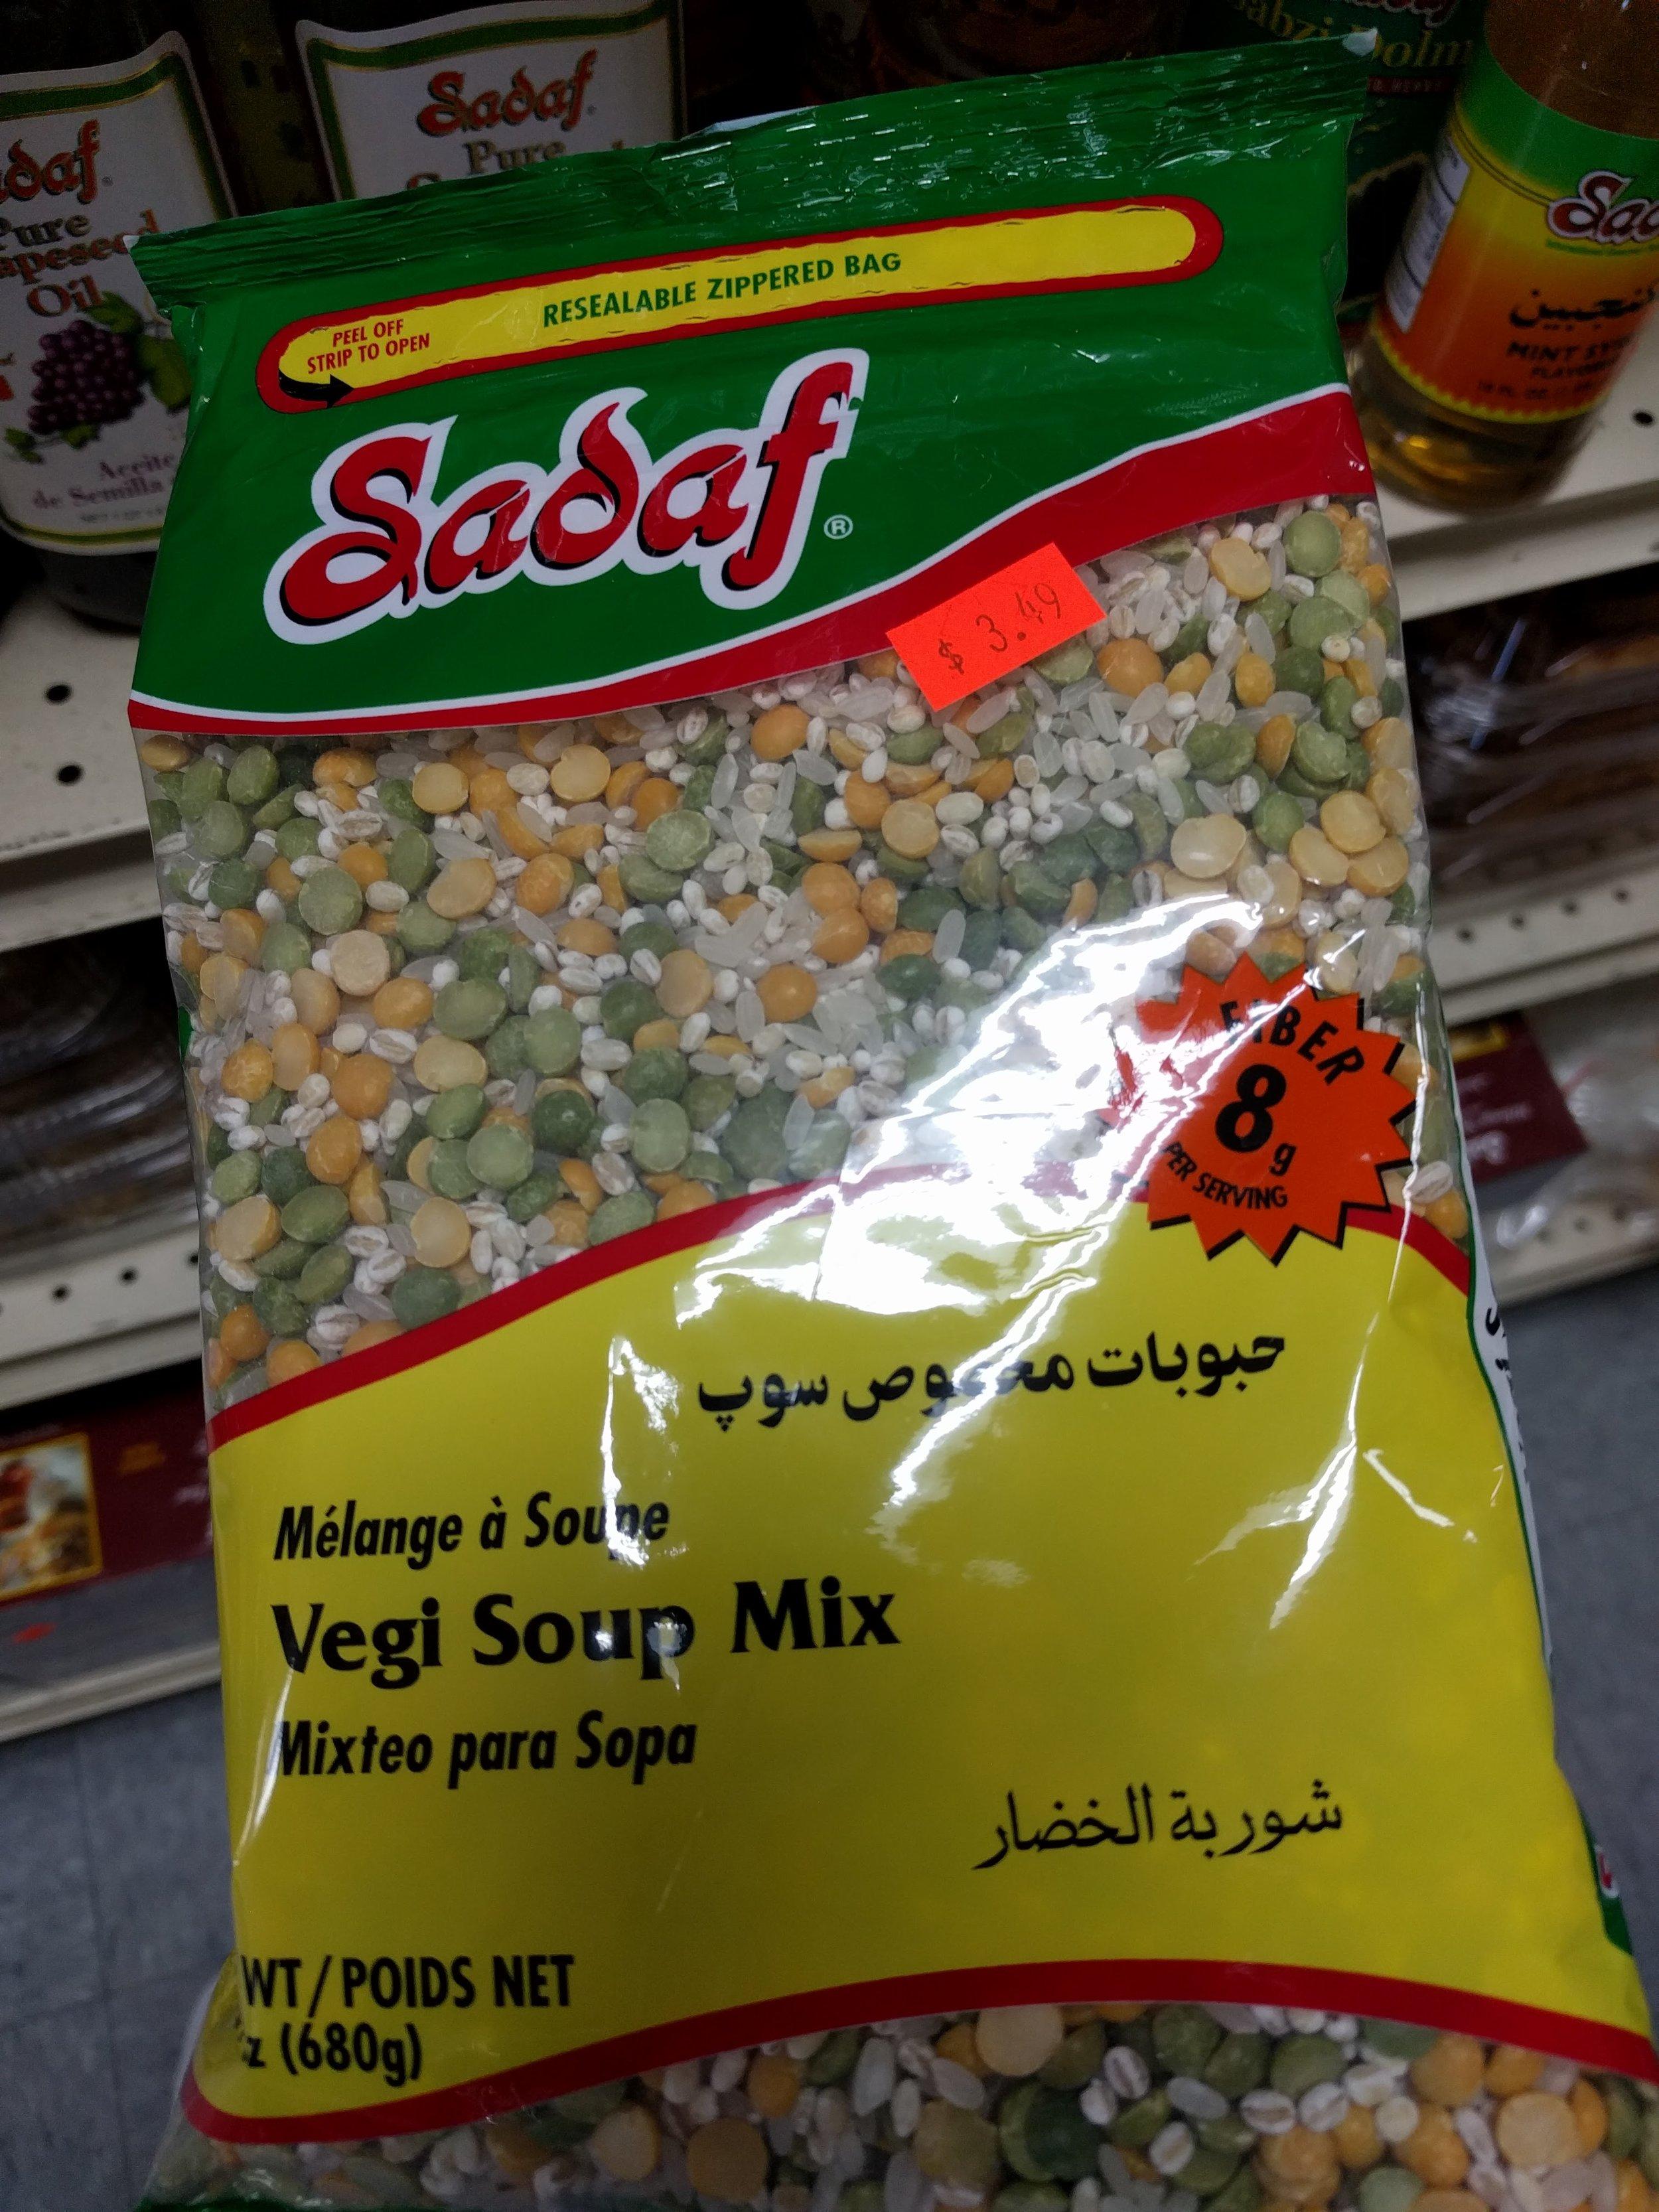 Vegeytable-soup-mix-Pak-Halal-International-Foods-12259-W-87th-St-Pkwy-Lenexa-KS-66215.jpg